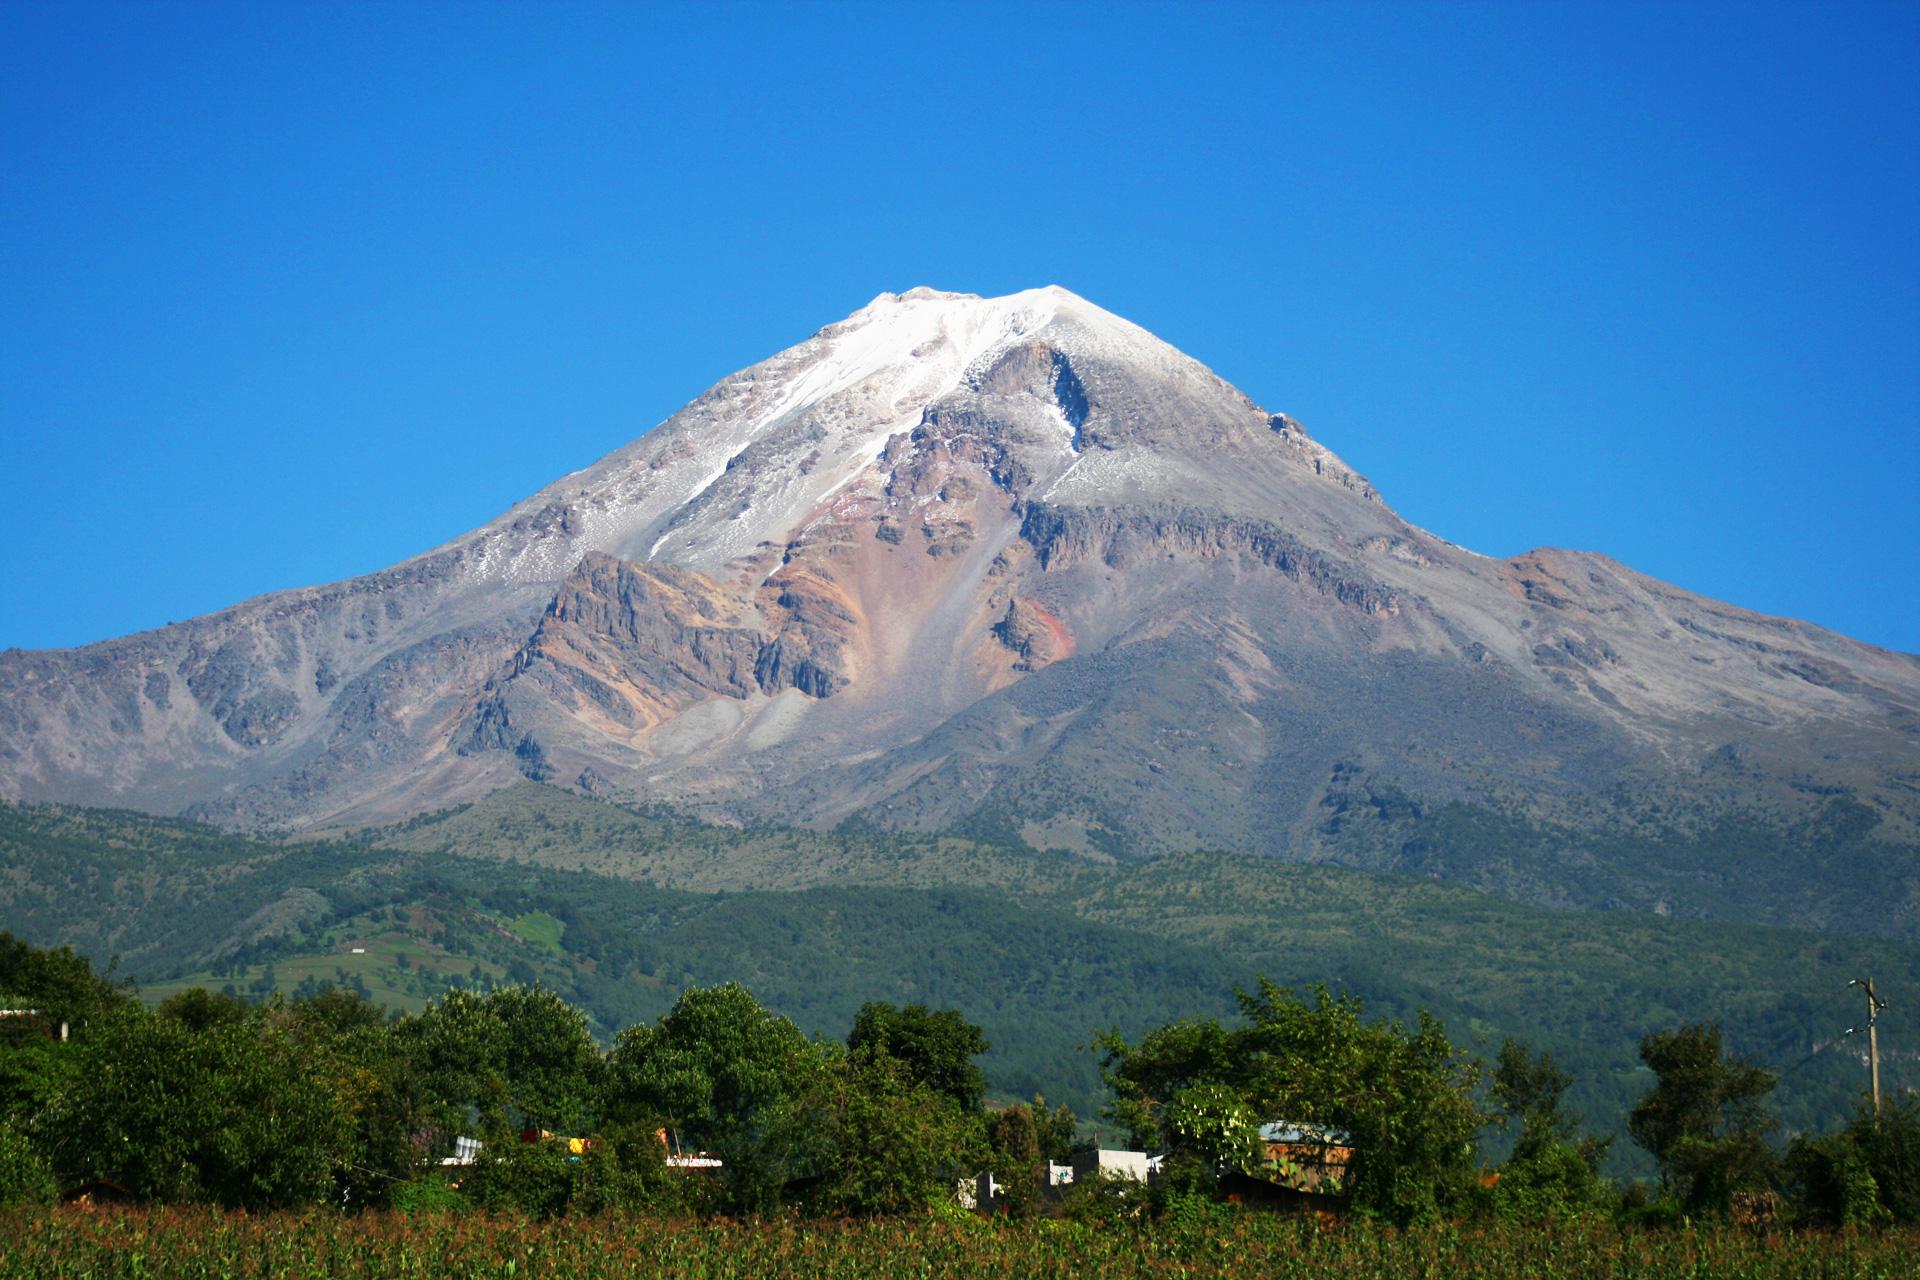 pico_de_orizaba_desde_el_pueblo_3_big